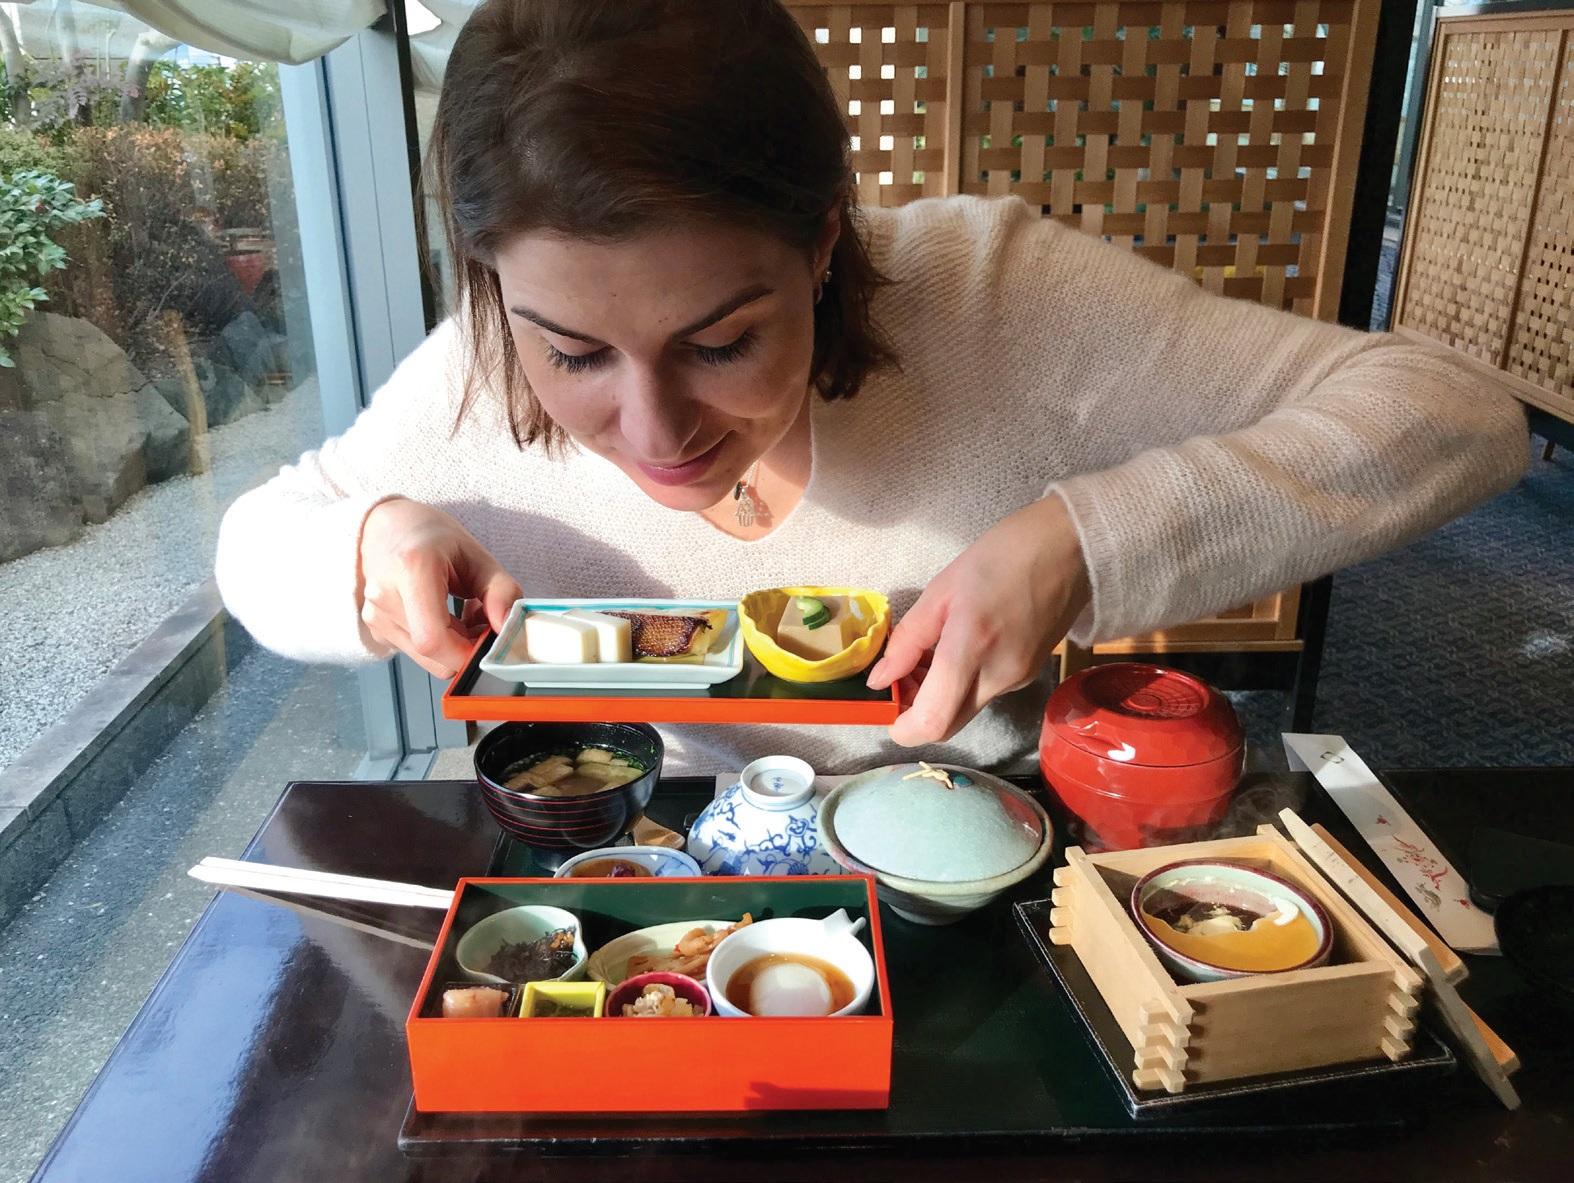 Tradiciniai japoniški pusryčiai susideda iš daugybės skirtingų skonių. Indrės Leikauskės asmeninio albumo nuotr.